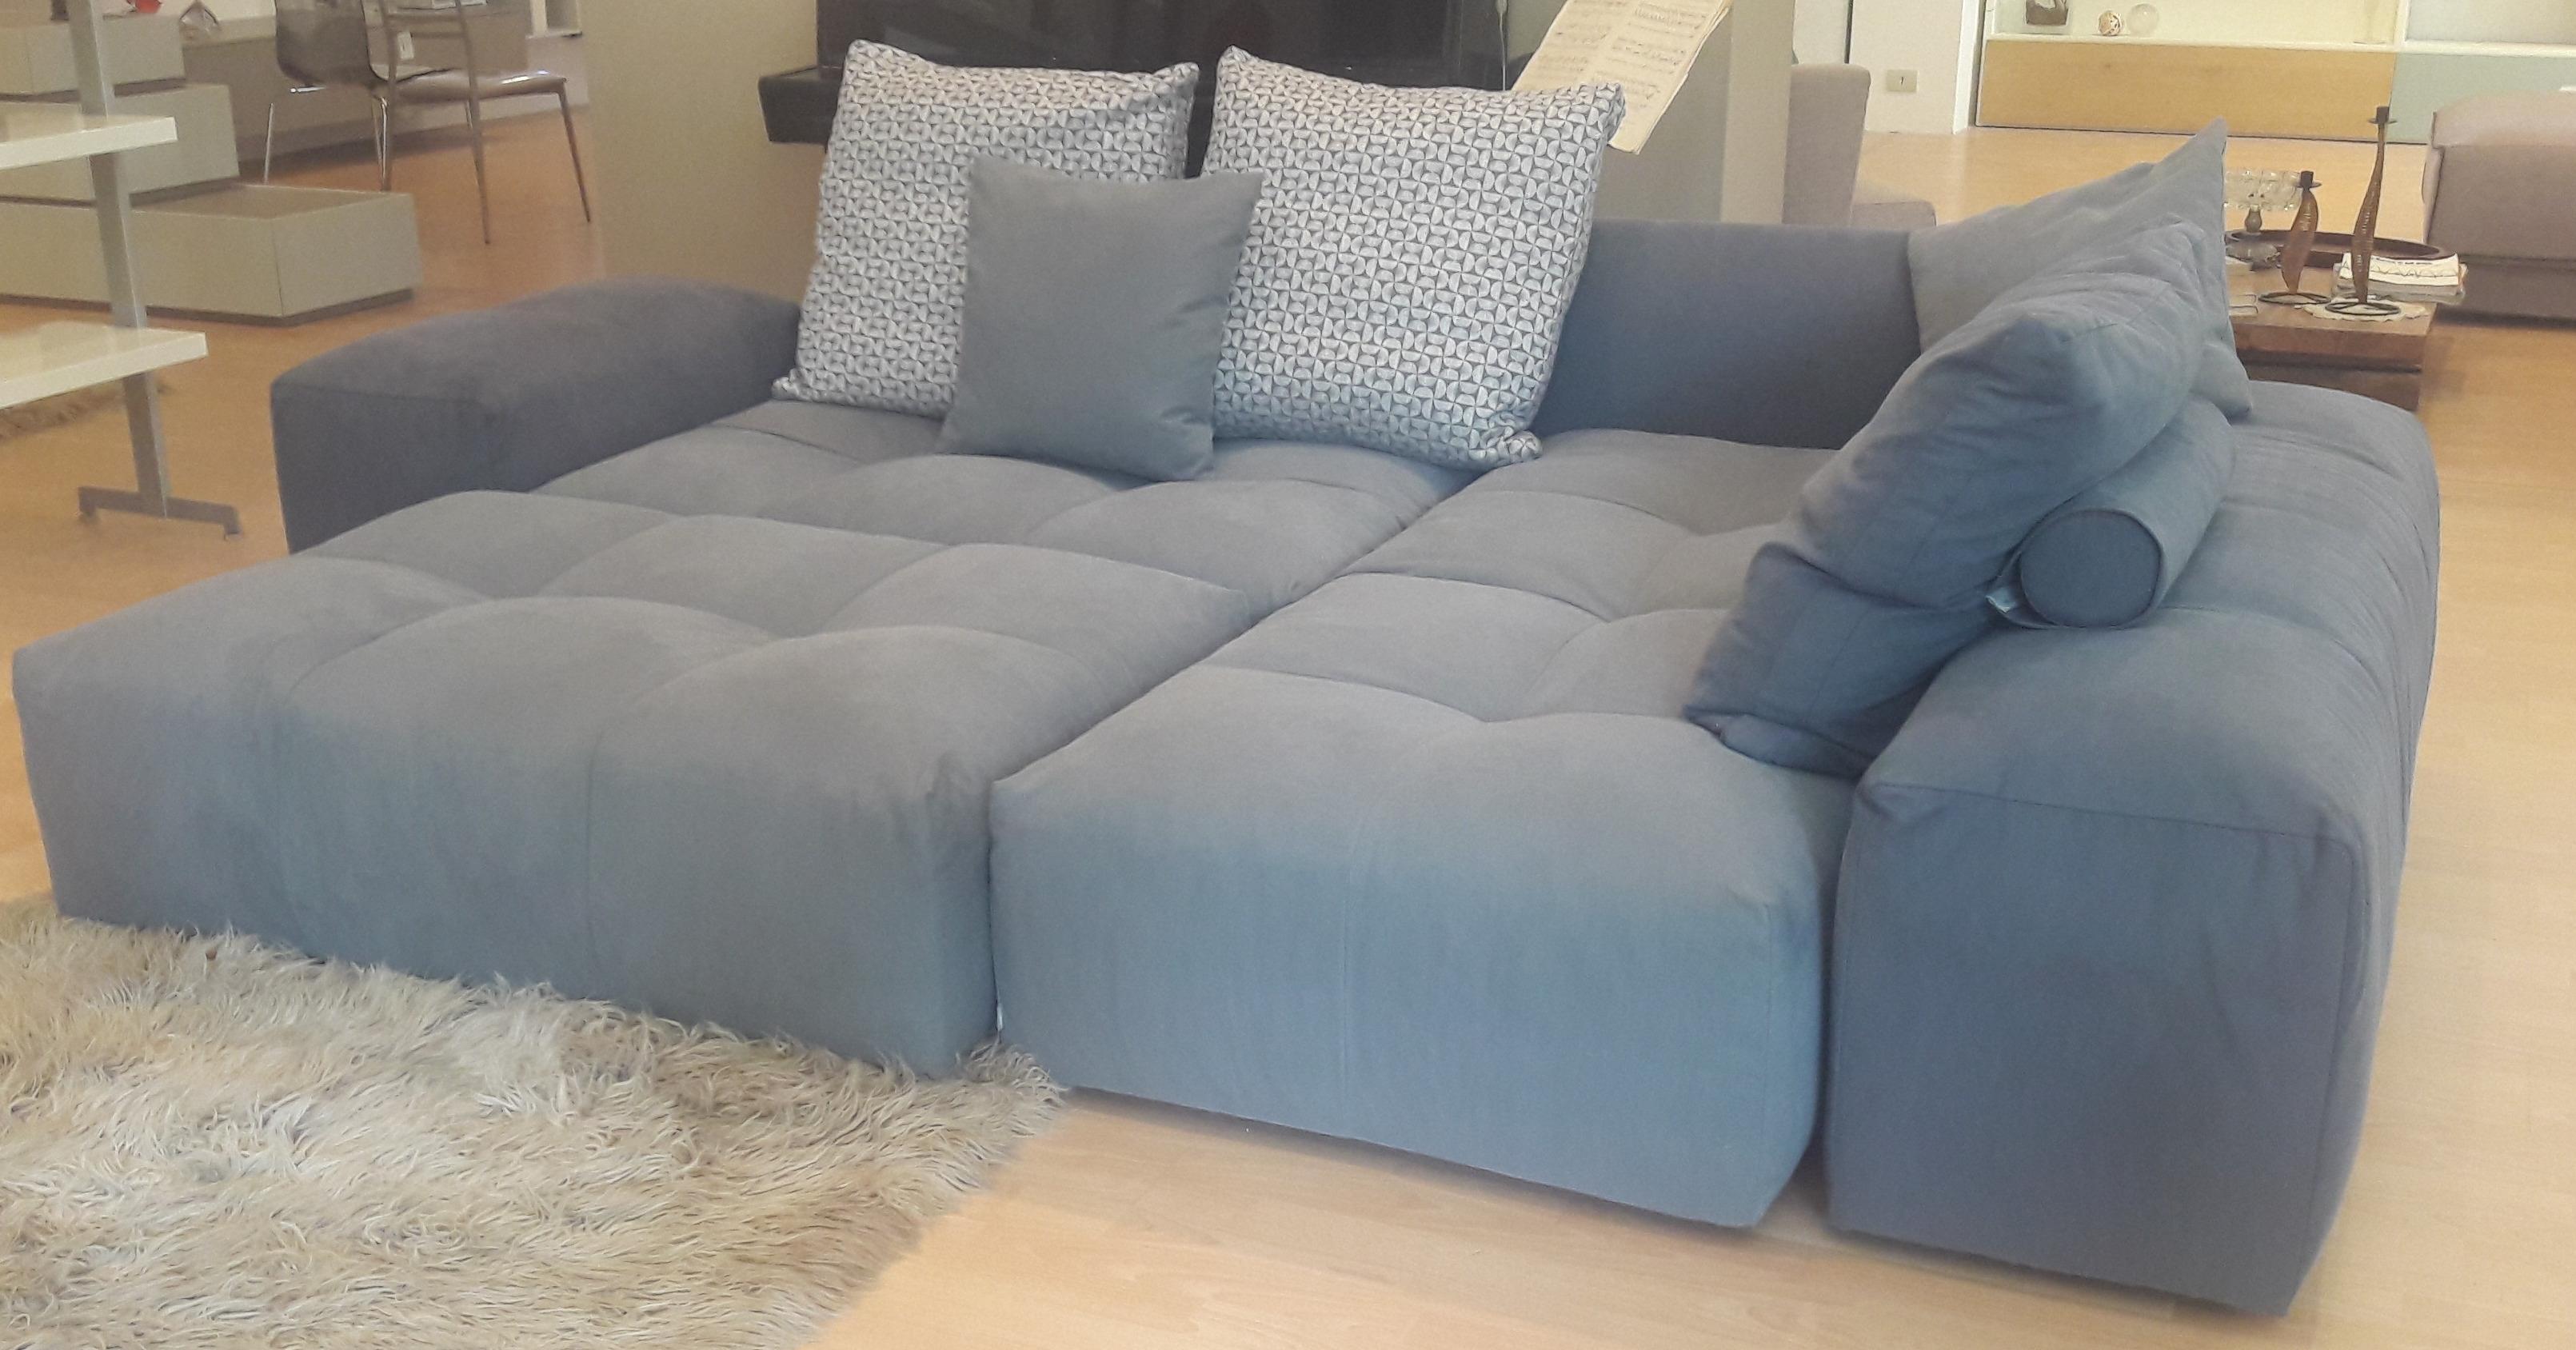 Divano di design saba salotti pixel divani a prezzi scontati for Divani saba prezzi